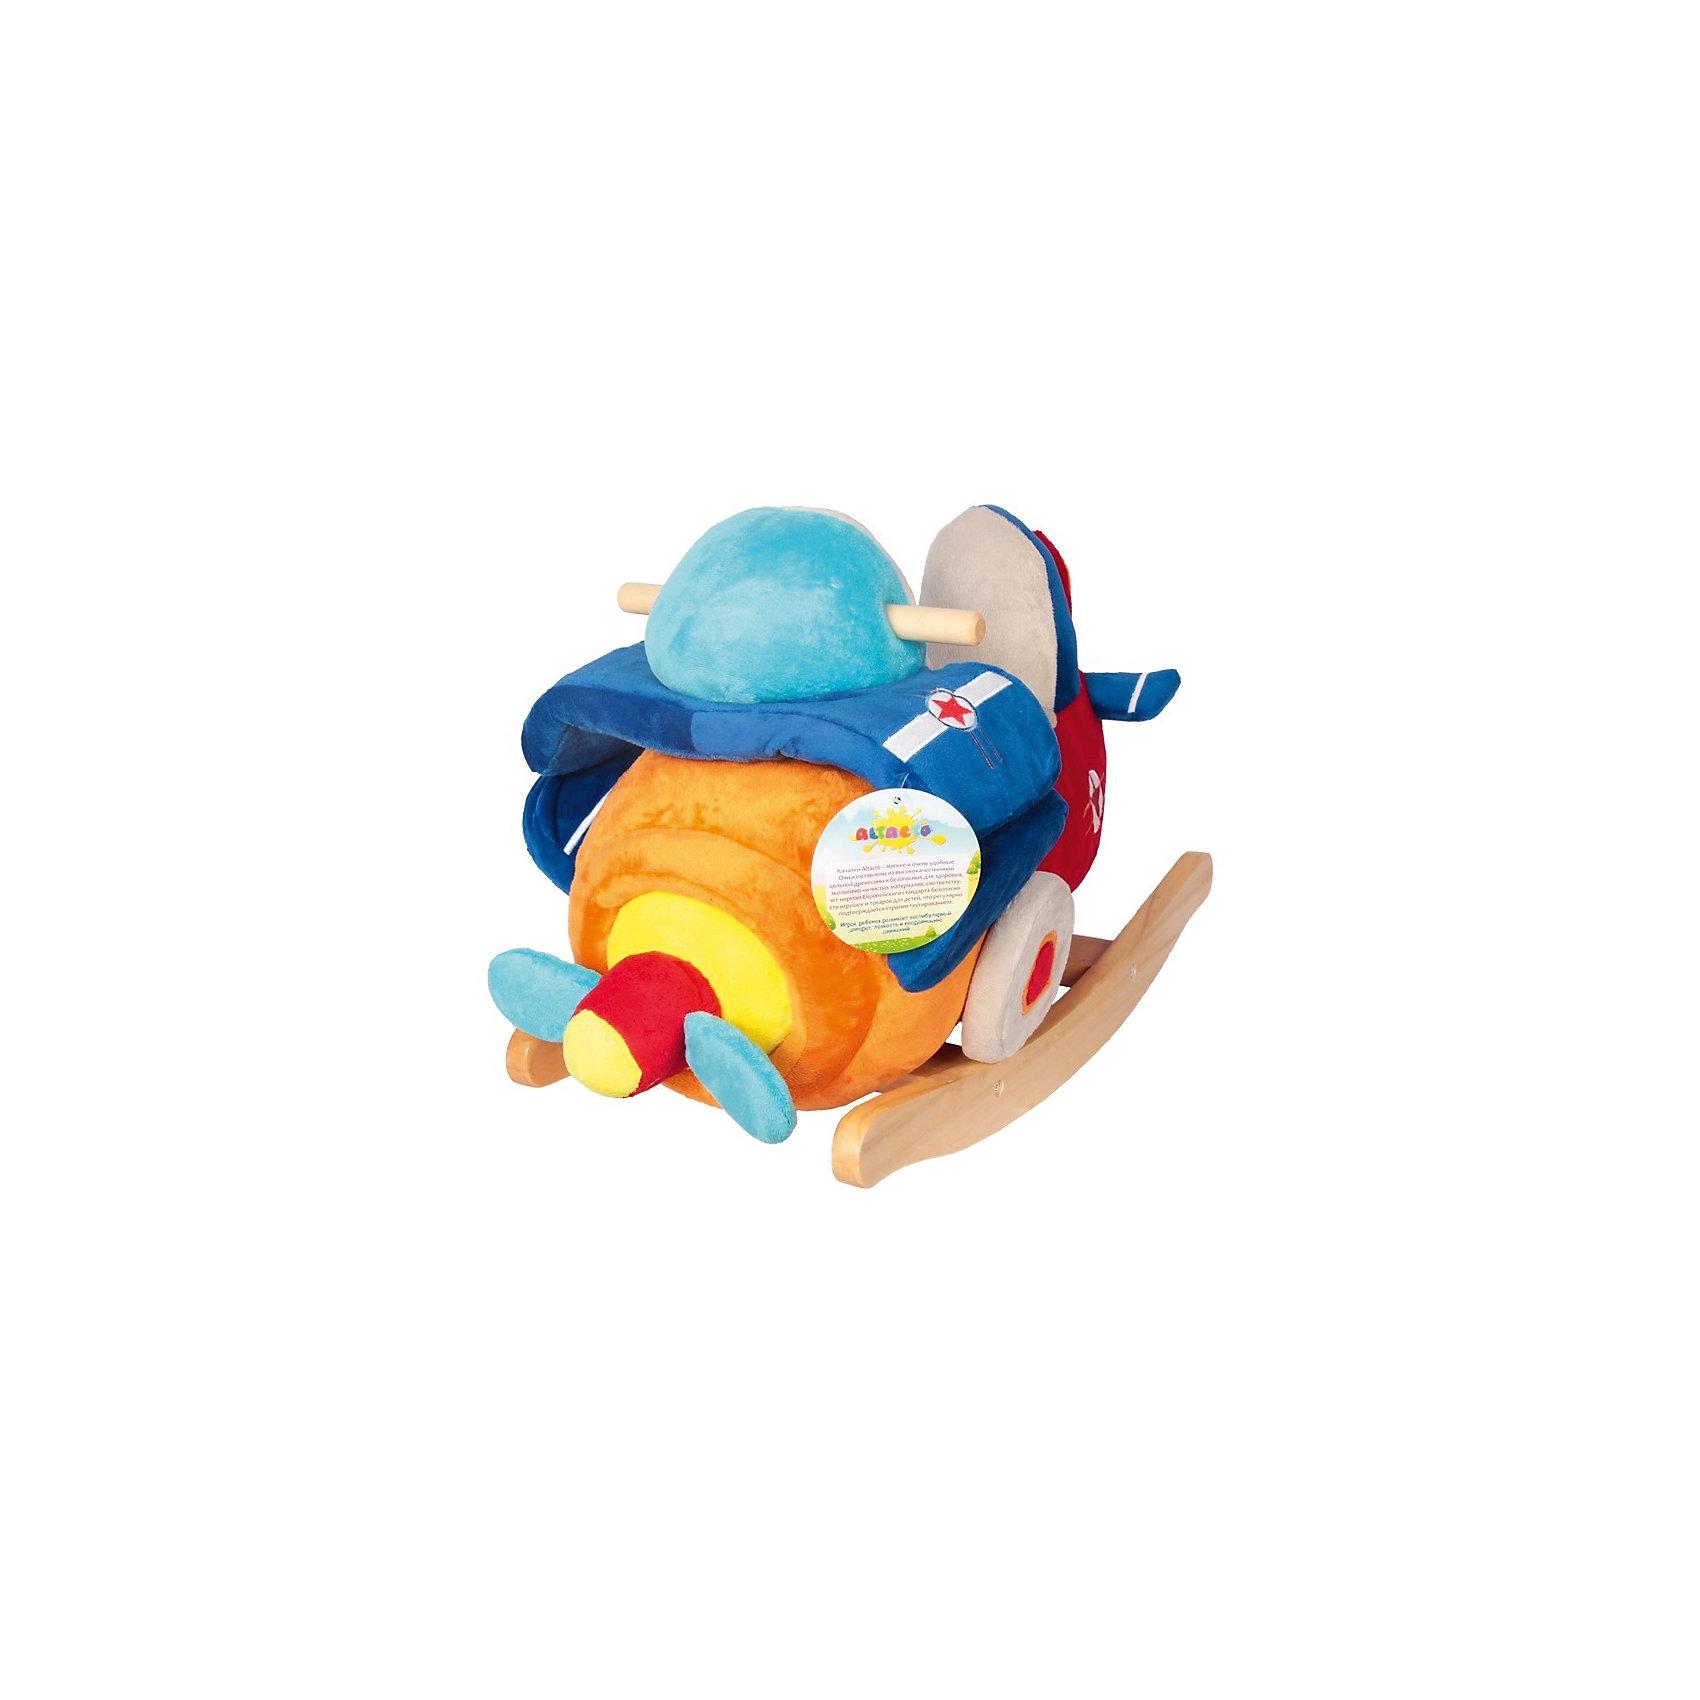 Качалка Самолётик, AltactoКачалки<br>Качалка Altacto выглядит как настоящий летательный аппарат: у него есть пропеллер, крылья, шасси, деревянные ручки и удобное сиденье со спинкой для маленького пилота. <br><br>Самолётик яркий и красивый, выполнен из мягких, приятных на ощупь материалов. На носу игрушки расположена специальная кнопка, с помощью которой можно включать и выключать весёлую песенку.<br><br>Это не только интересная игрушка, но и тренажёр для вестибулярного аппарата. Когда ребёнок качается, у него развиваются координация движения и ловкость. Сидя на самолётике, ребёнок может смотреть мультфильмы или кушать. <br><br>Работает от батареек (идут в комплекте).<br><br>Ширина мм: 620<br>Глубина мм: 295<br>Высота мм: 440<br>Вес г: 4100<br>Возраст от месяцев: 12<br>Возраст до месяцев: 36<br>Пол: Унисекс<br>Возраст: Детский<br>SKU: 4779835